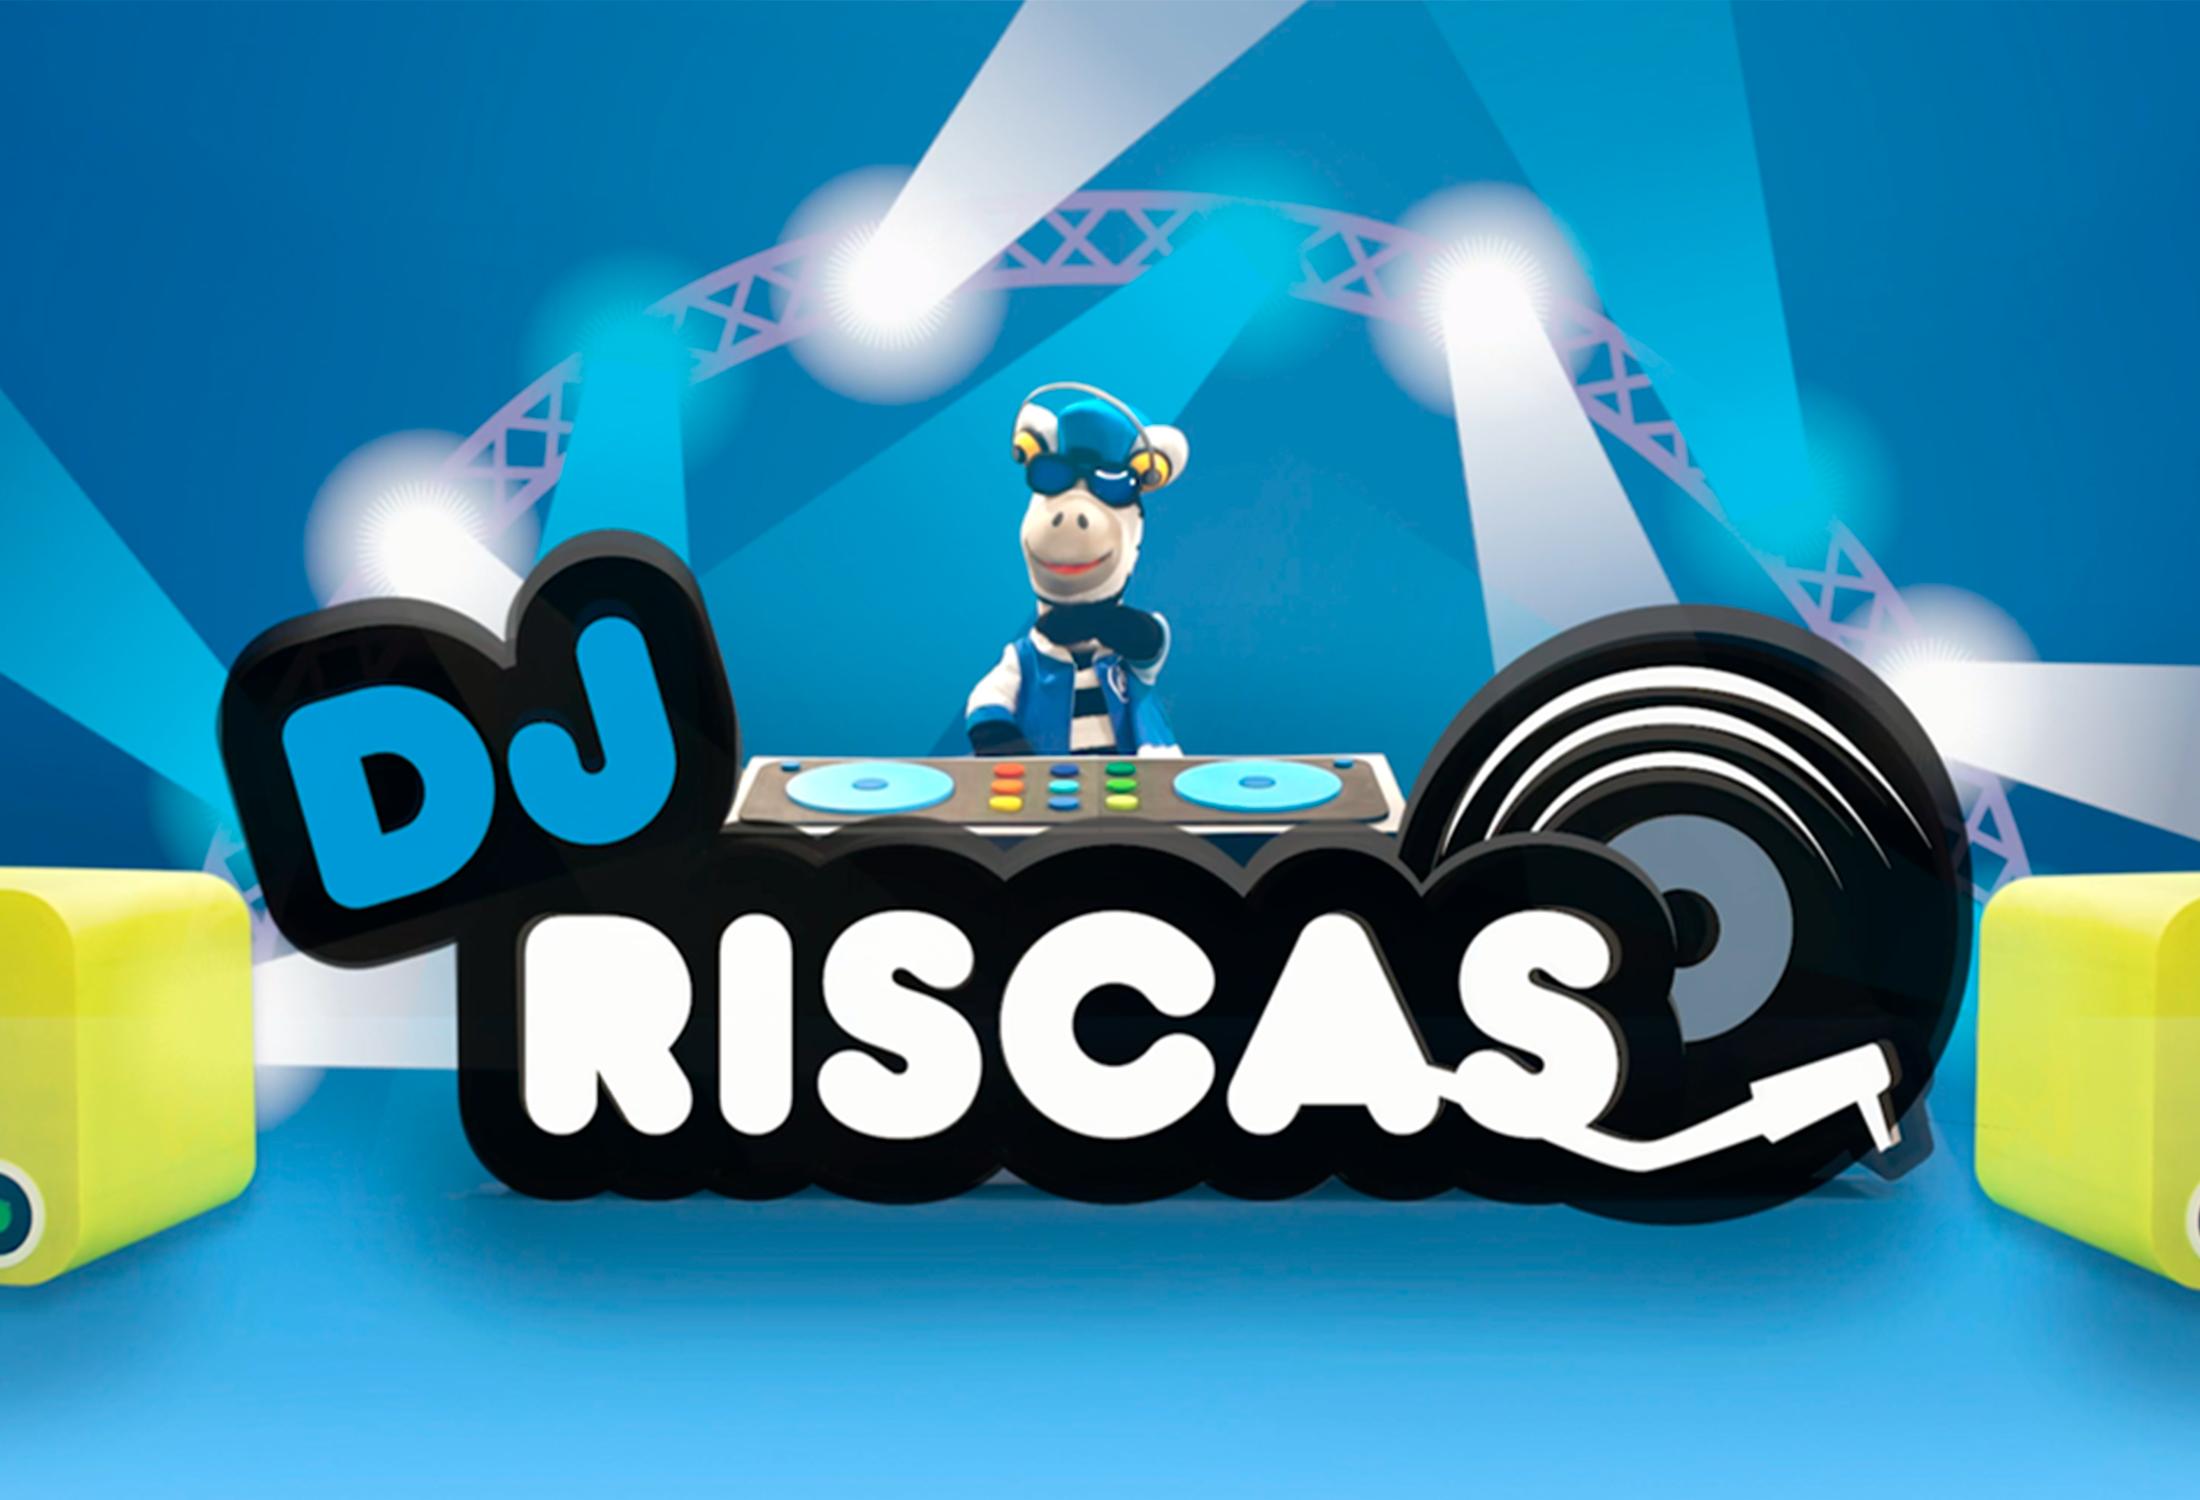 Dj Riscas